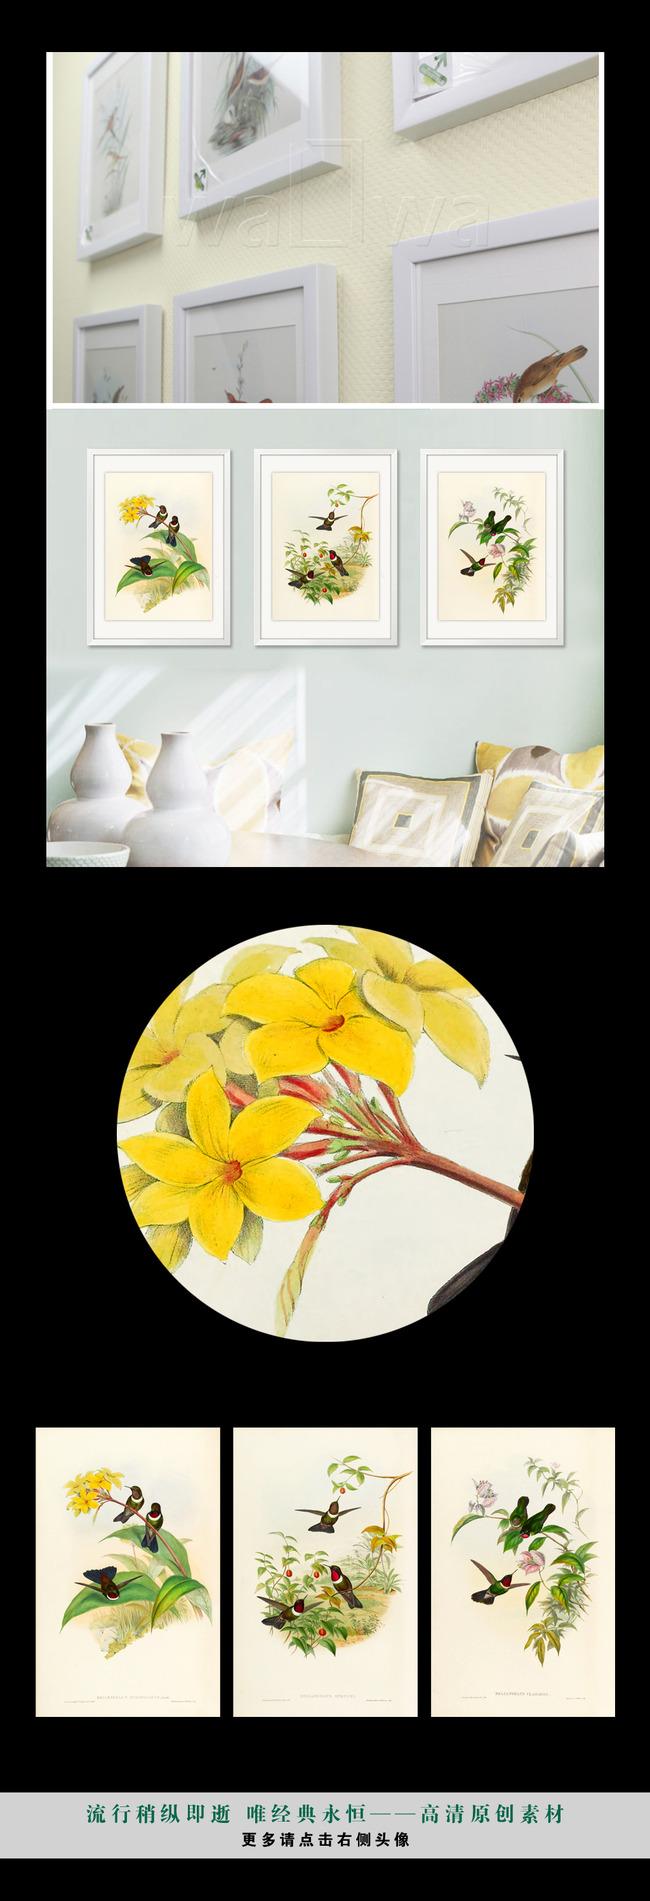 高清手绘简约复古小清新植物花鸟壁画装饰画